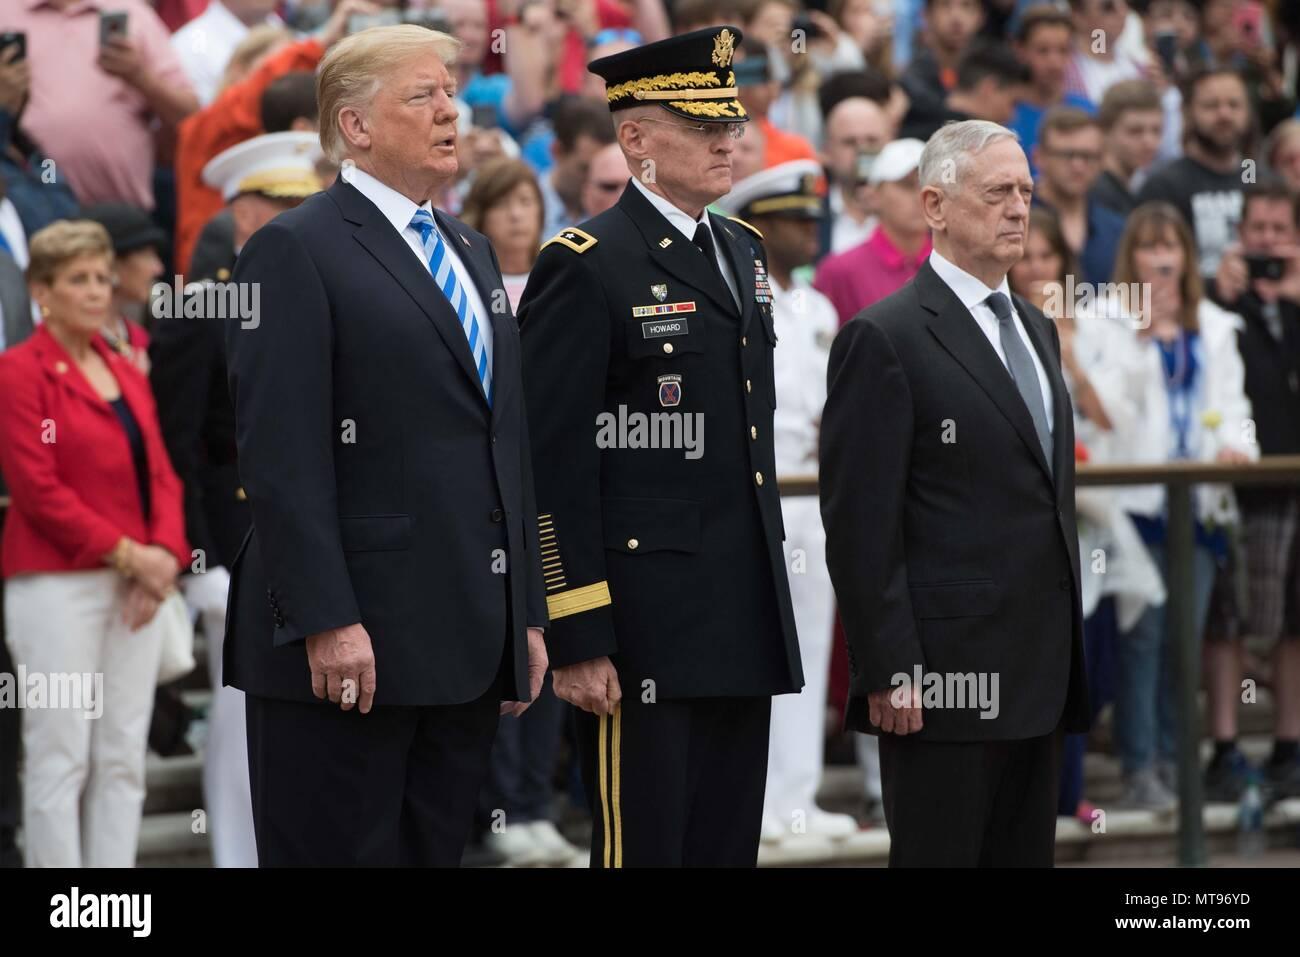 Us-Präsident Donald Trump, Links, Armee Generalmajor Michael Howard, Mitte, und Verteidigungsminister James Mattis salute während der Zeremonie einen Kranz am Grab des Unbekannten Soldaten während des 150-jährlichen nationalen Gedenktag Beachtung auf dem Arlington National Cemetery 28. Mai 2018 in Arlington, Virginia. Stockfoto